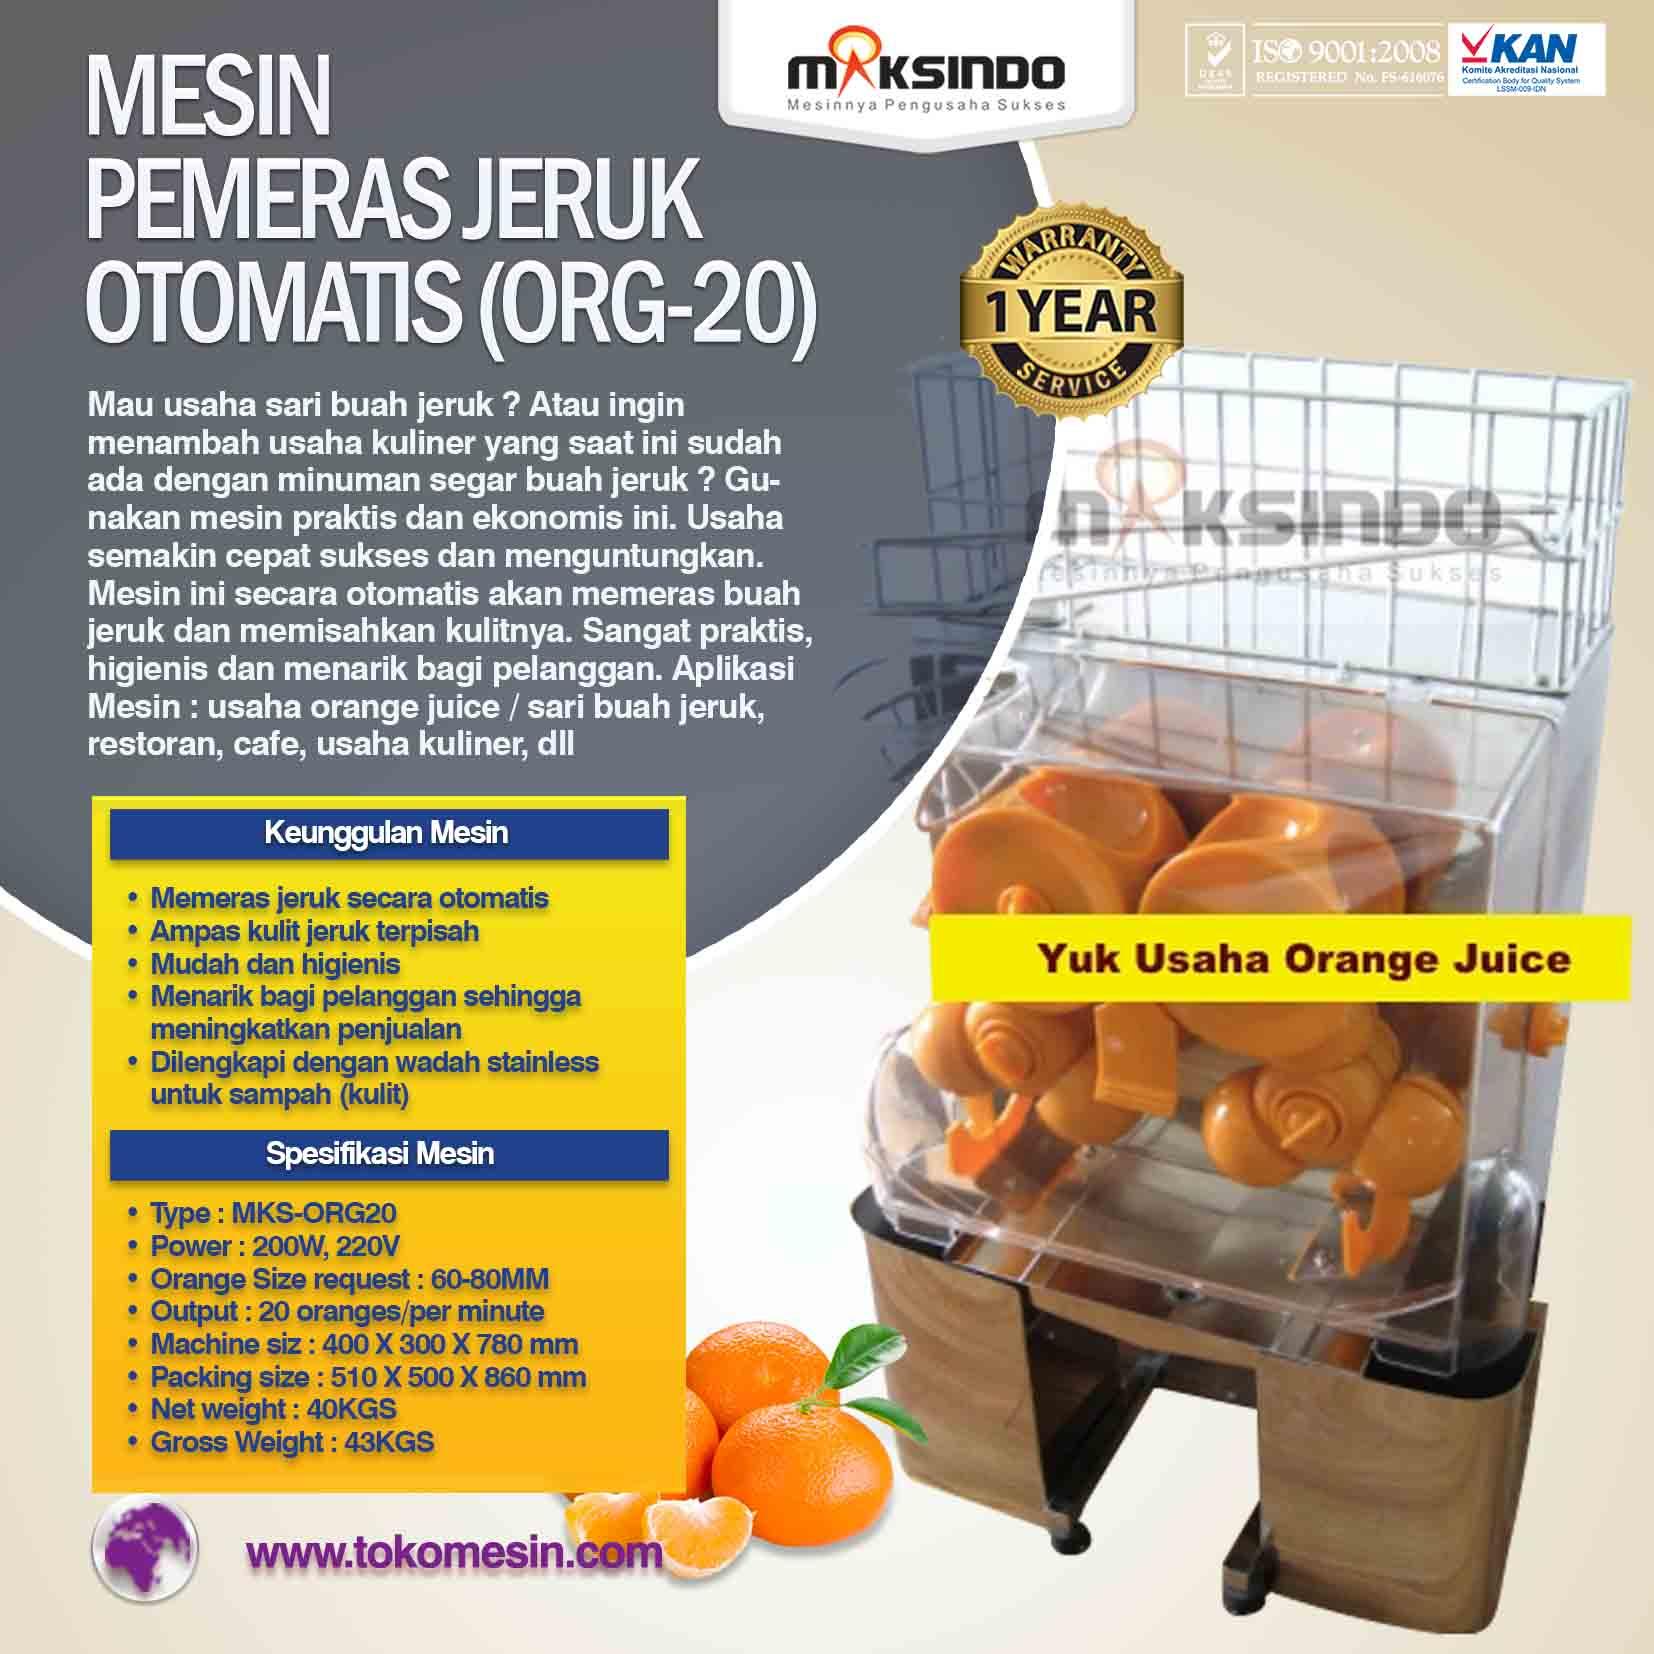 Mesin Pemeras Jeruk Otomatis (ORG-20)